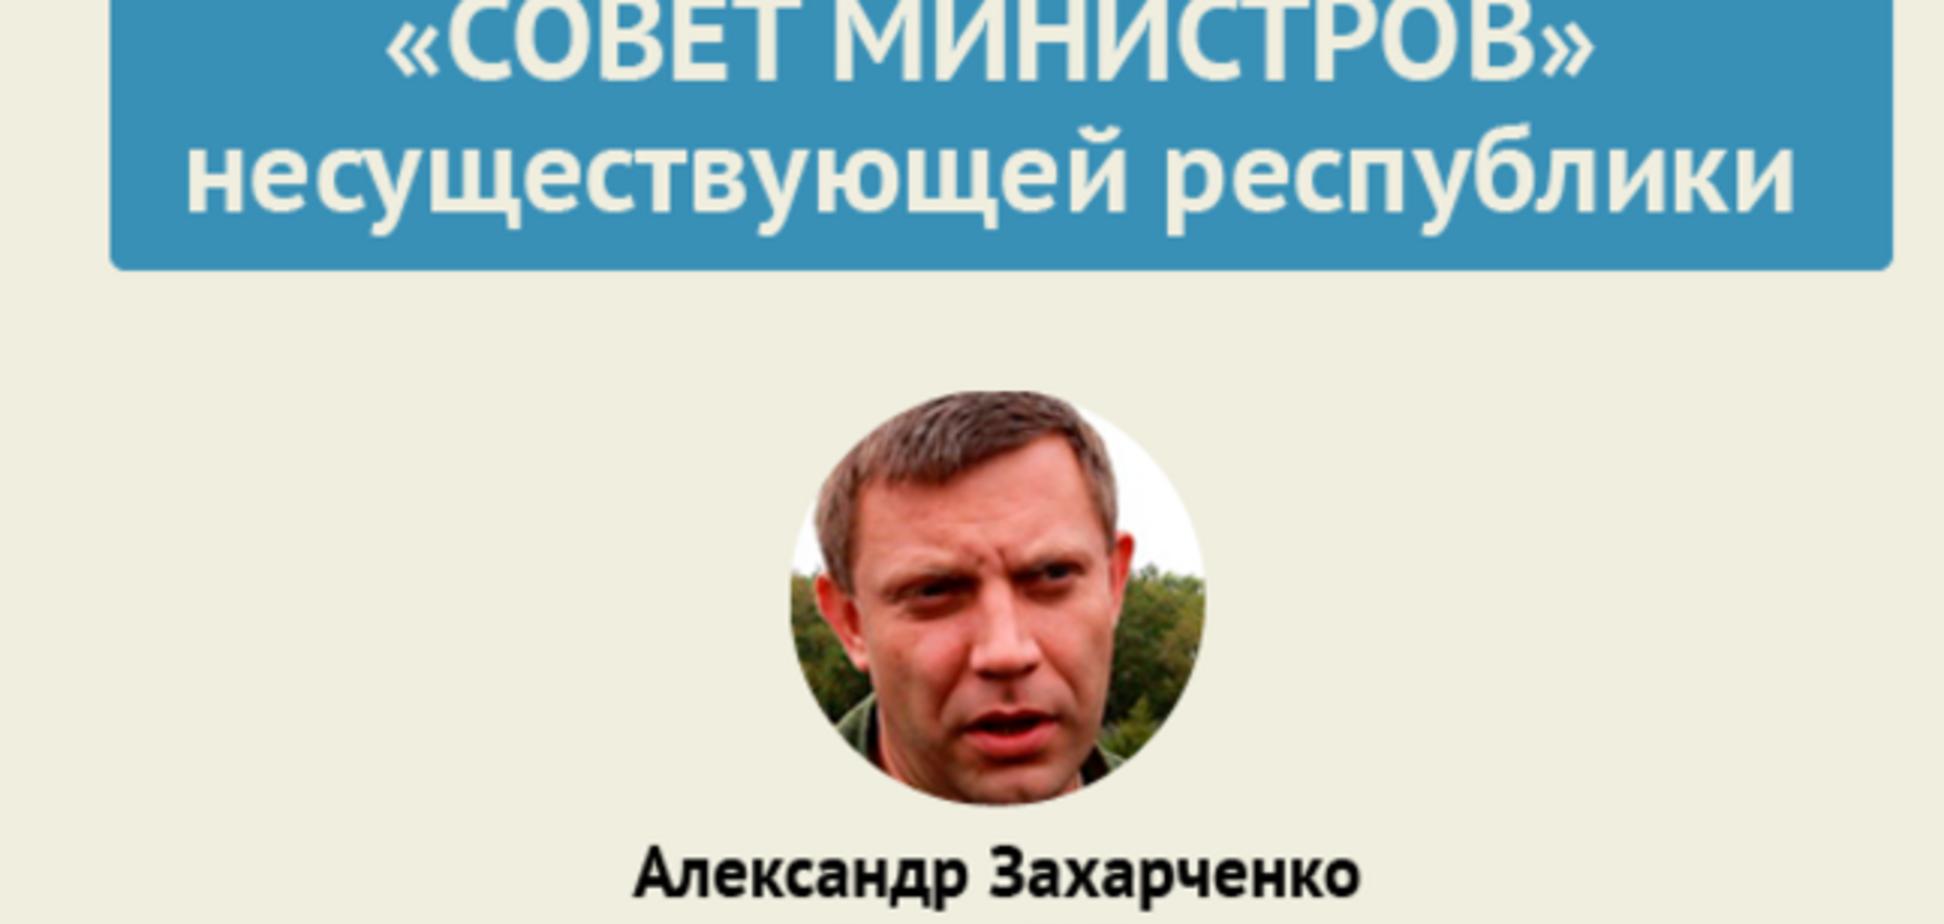 СМИ рассказали о прошлом 'министров ДНР'